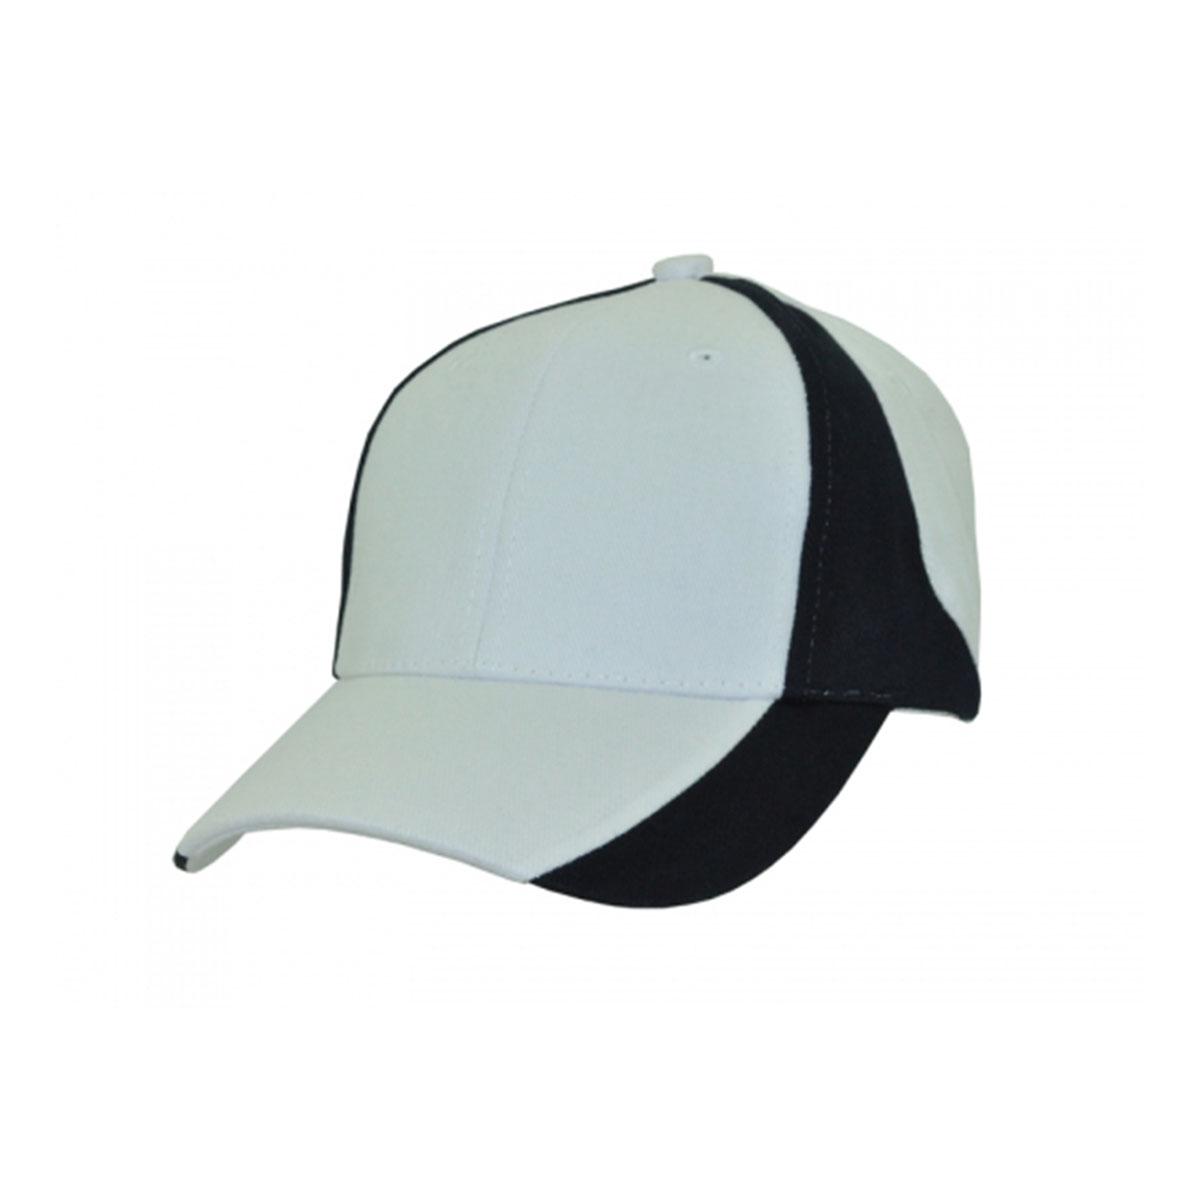 Vertek Cap-White / Navy